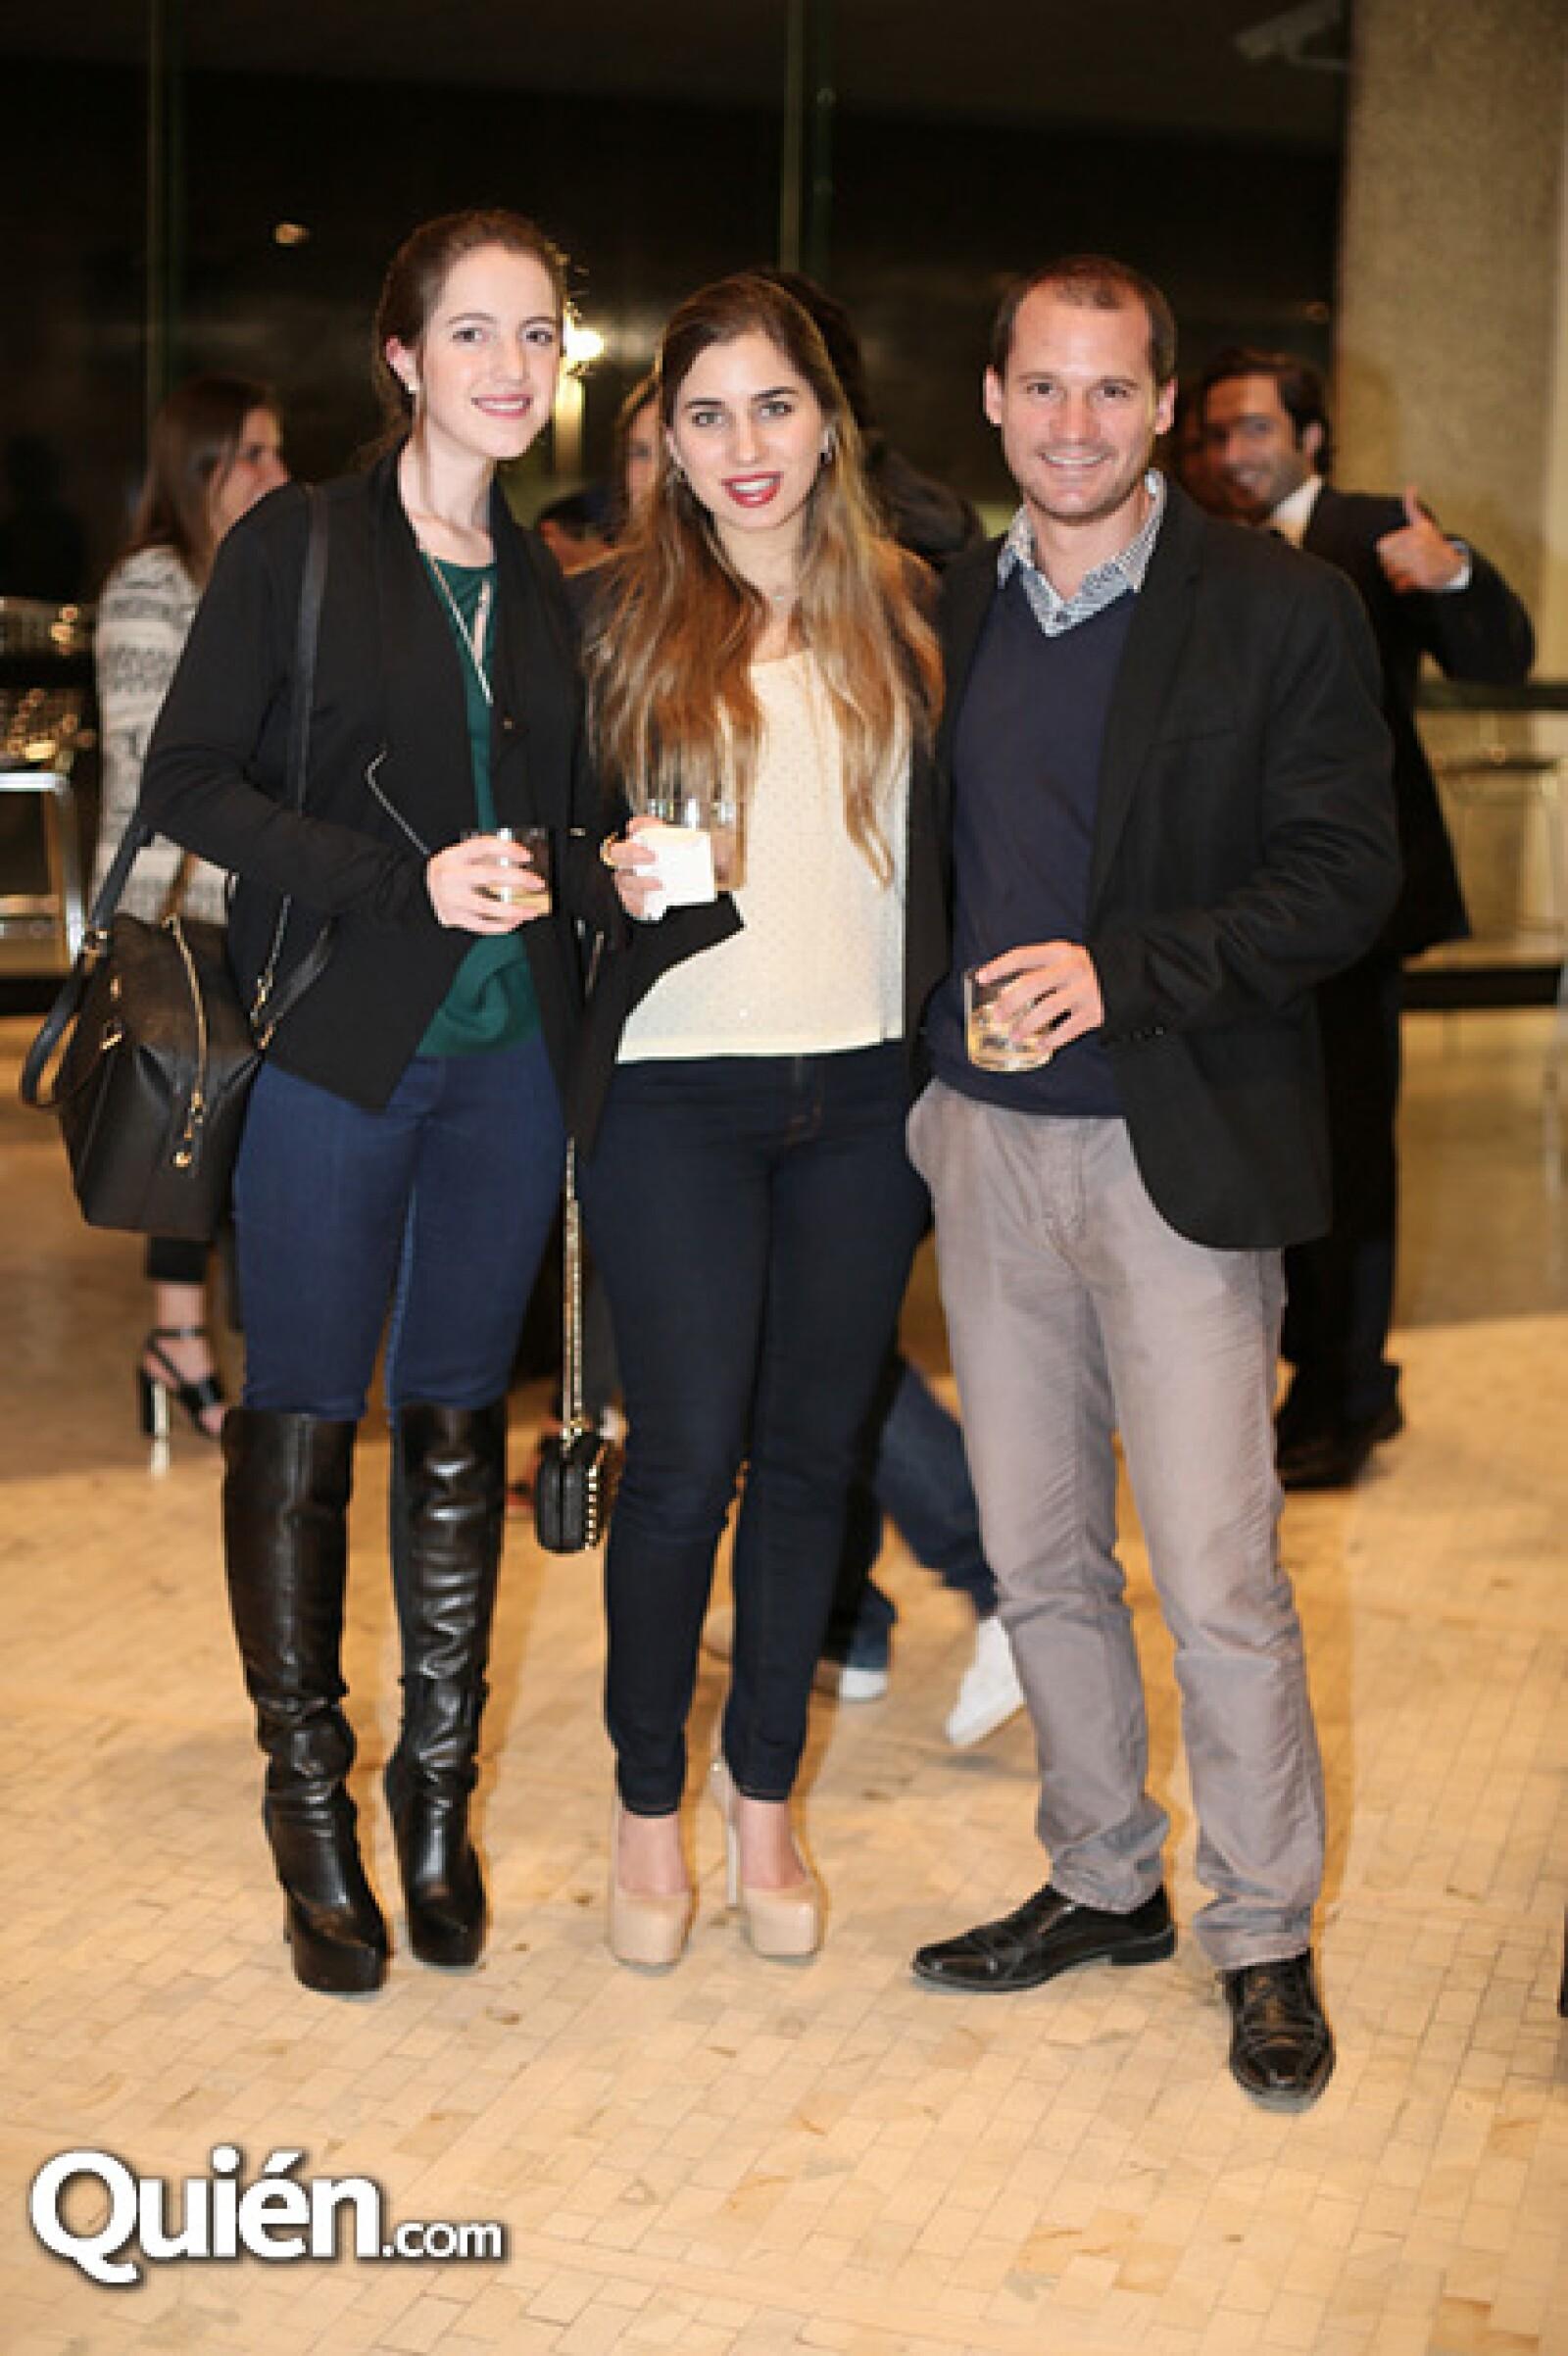 Jimena Monge,María Garza y Héctor Delmar